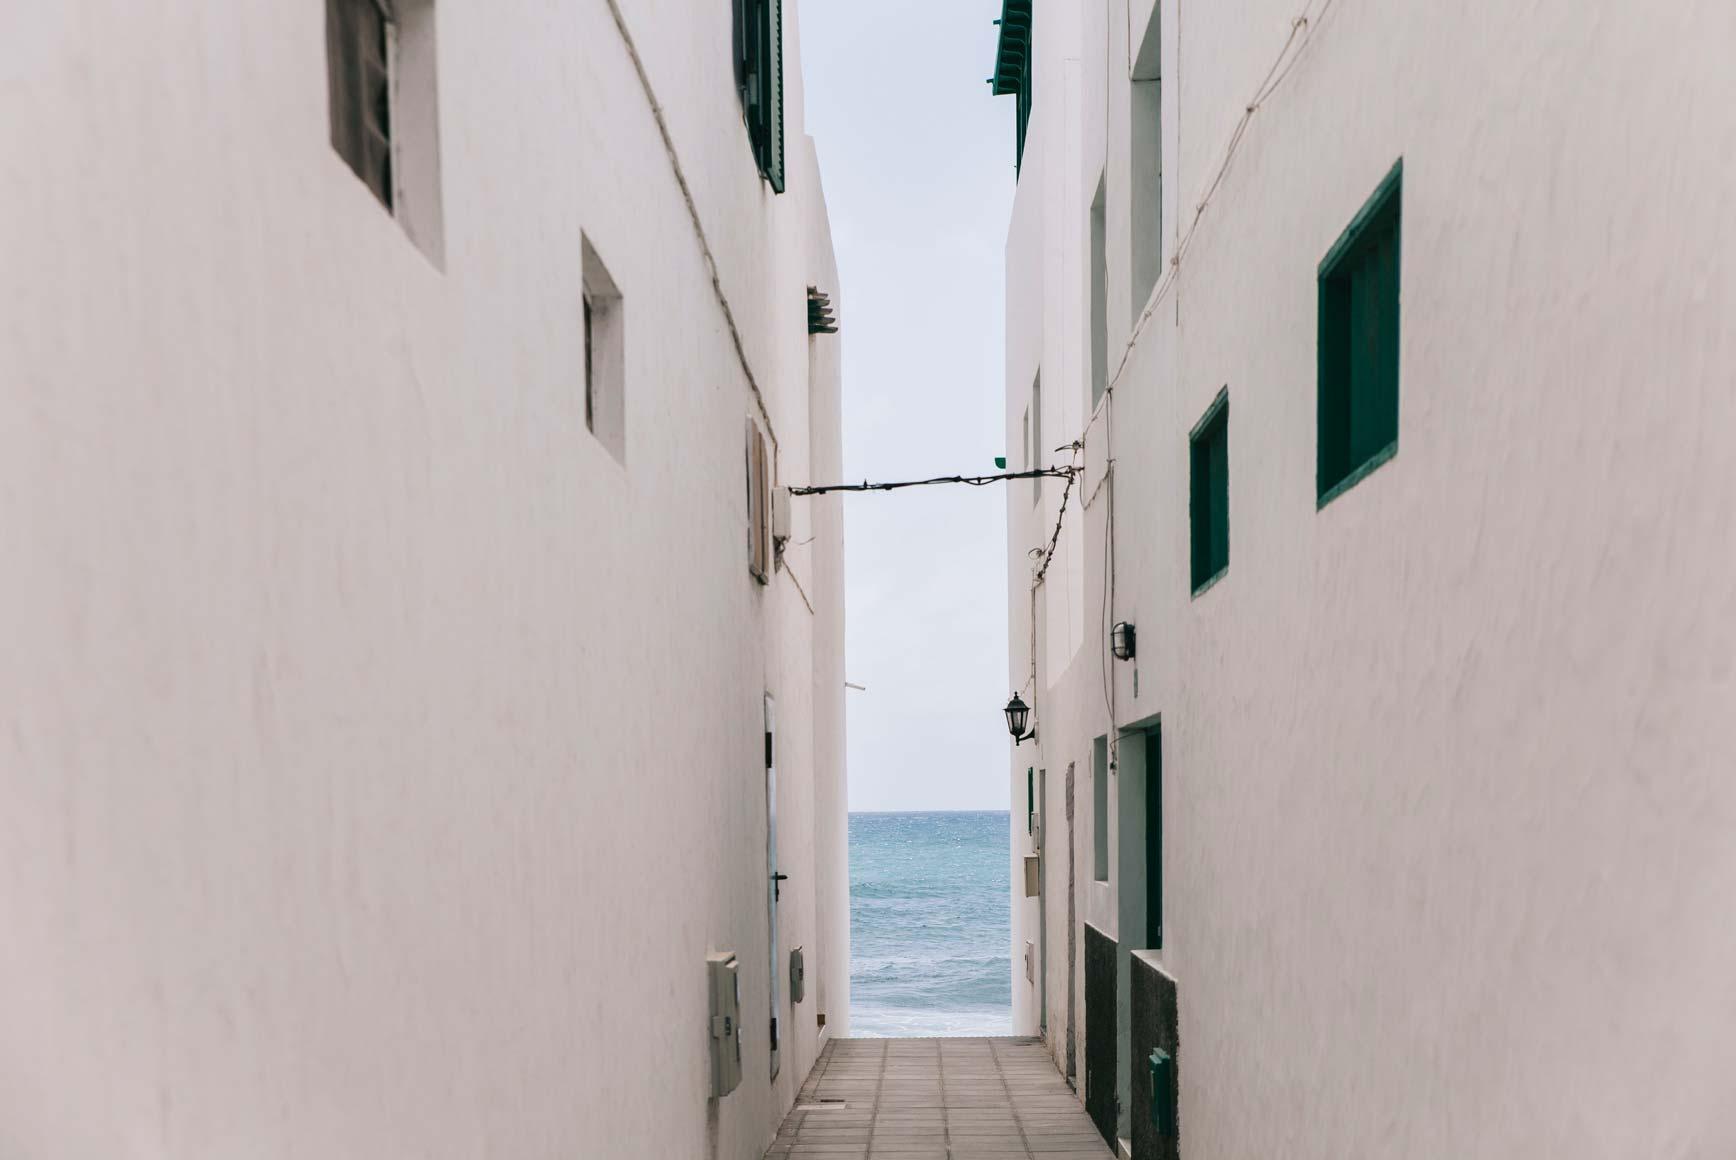 Lanzarote_claraBmartin_49